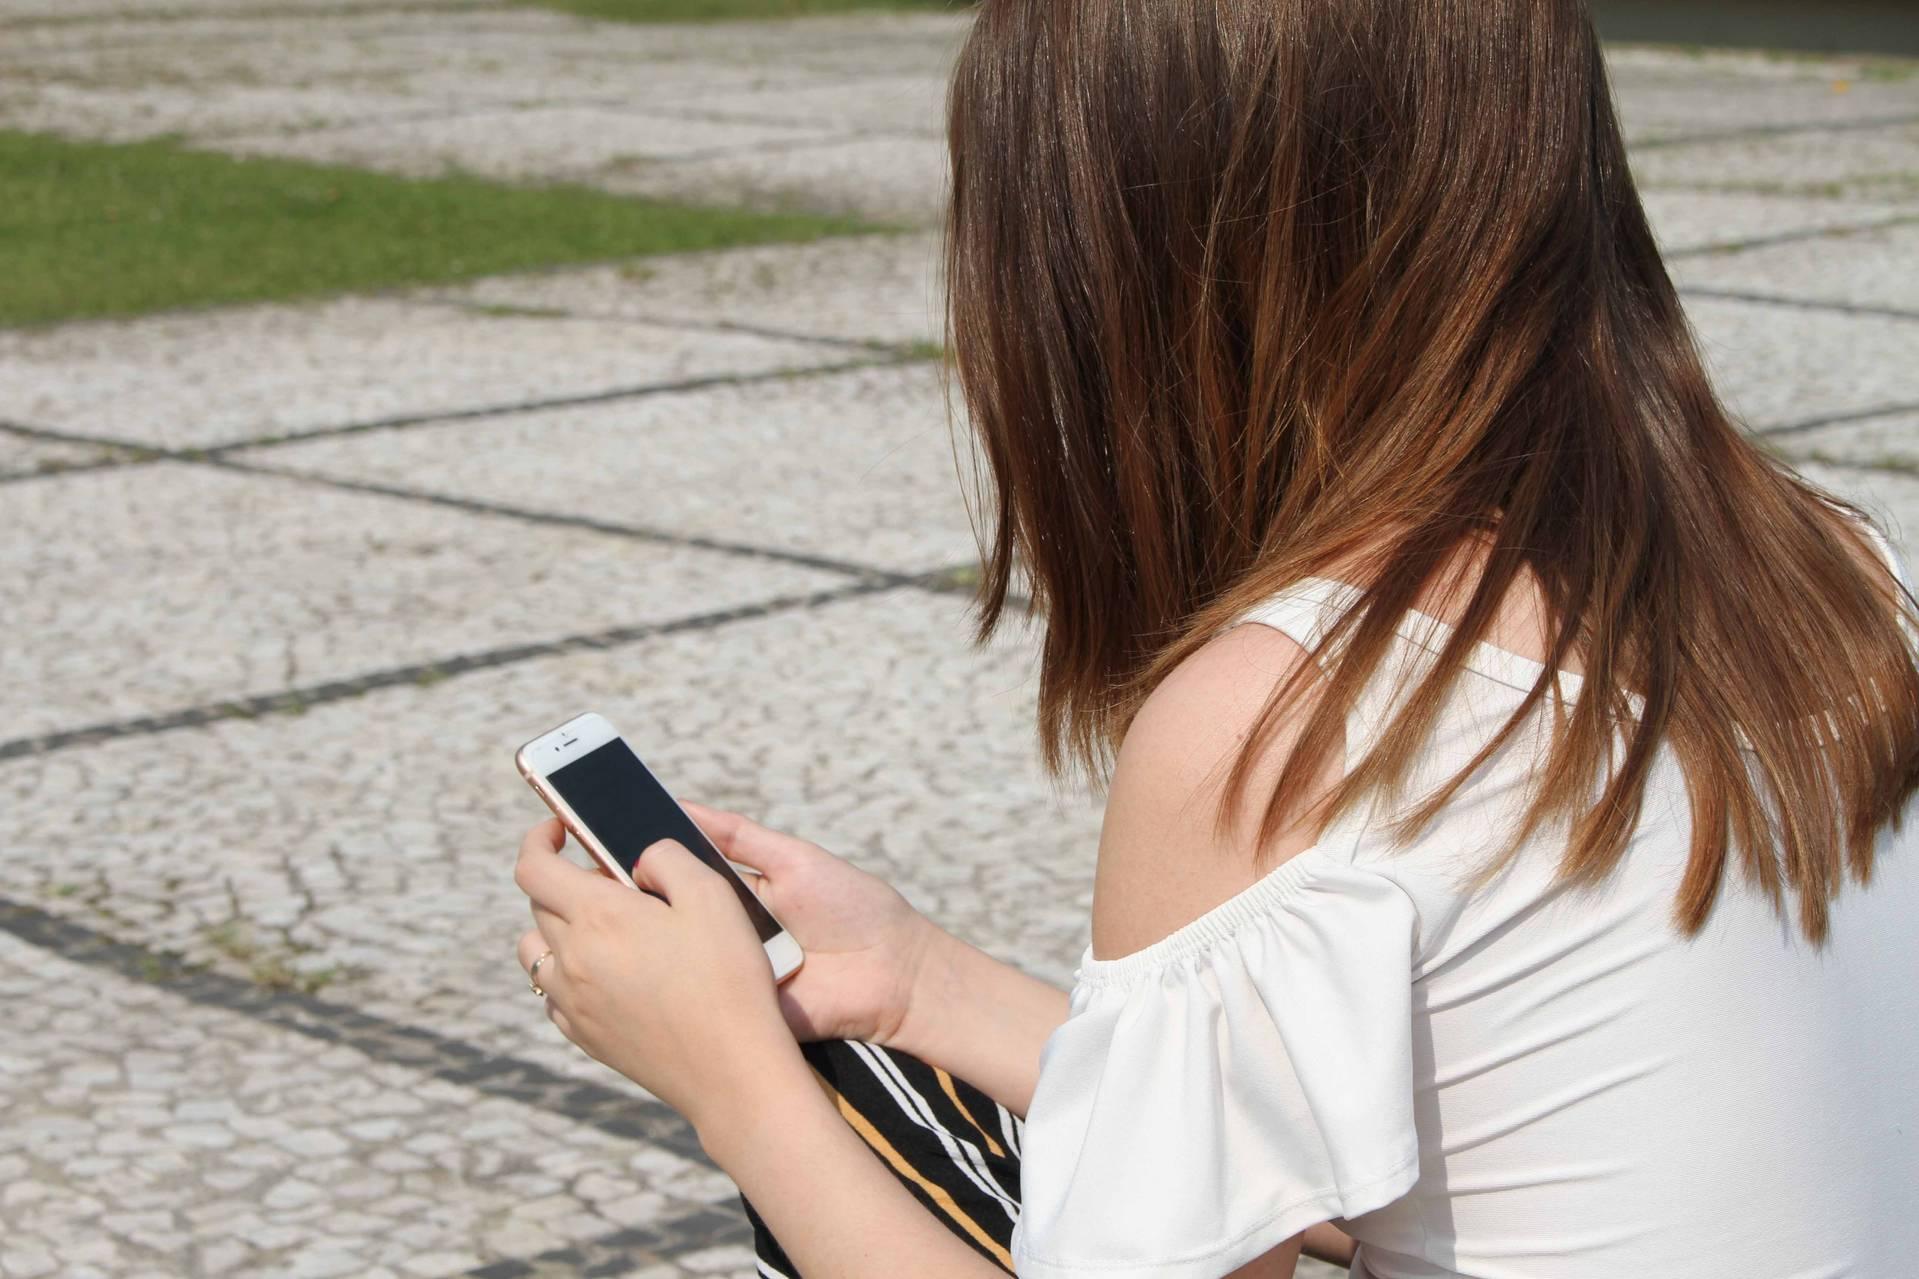 Paraná reduz roubos de celulares pelo terceiro ano seguido